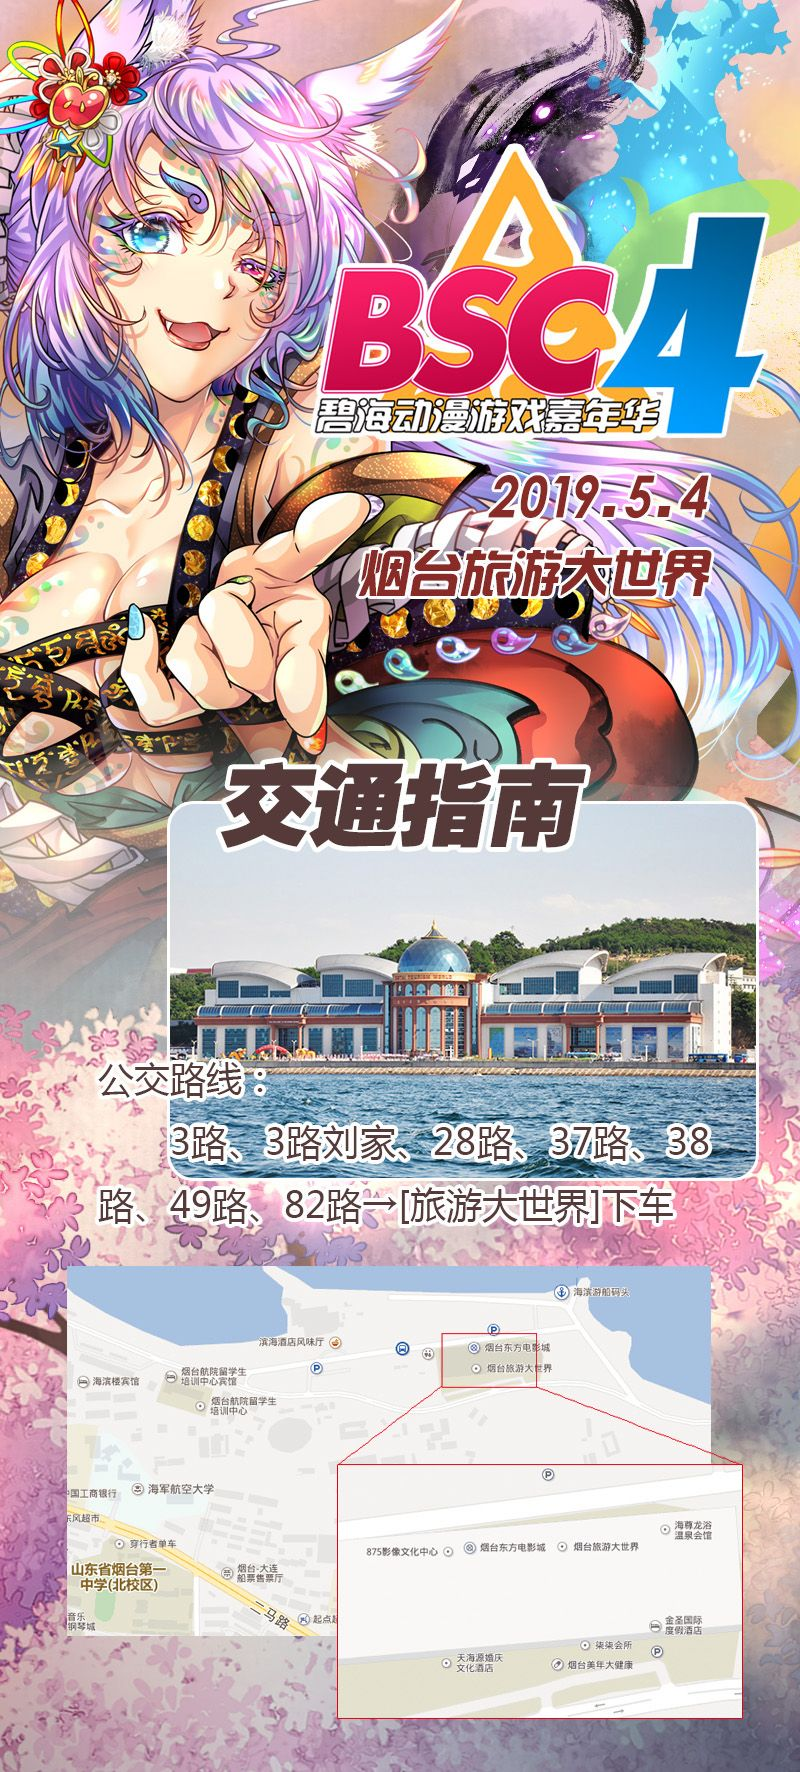 第四届碧海动漫嘉年华 BSCO4 终宣来了!逛展全攻略!五一嗨翻天!